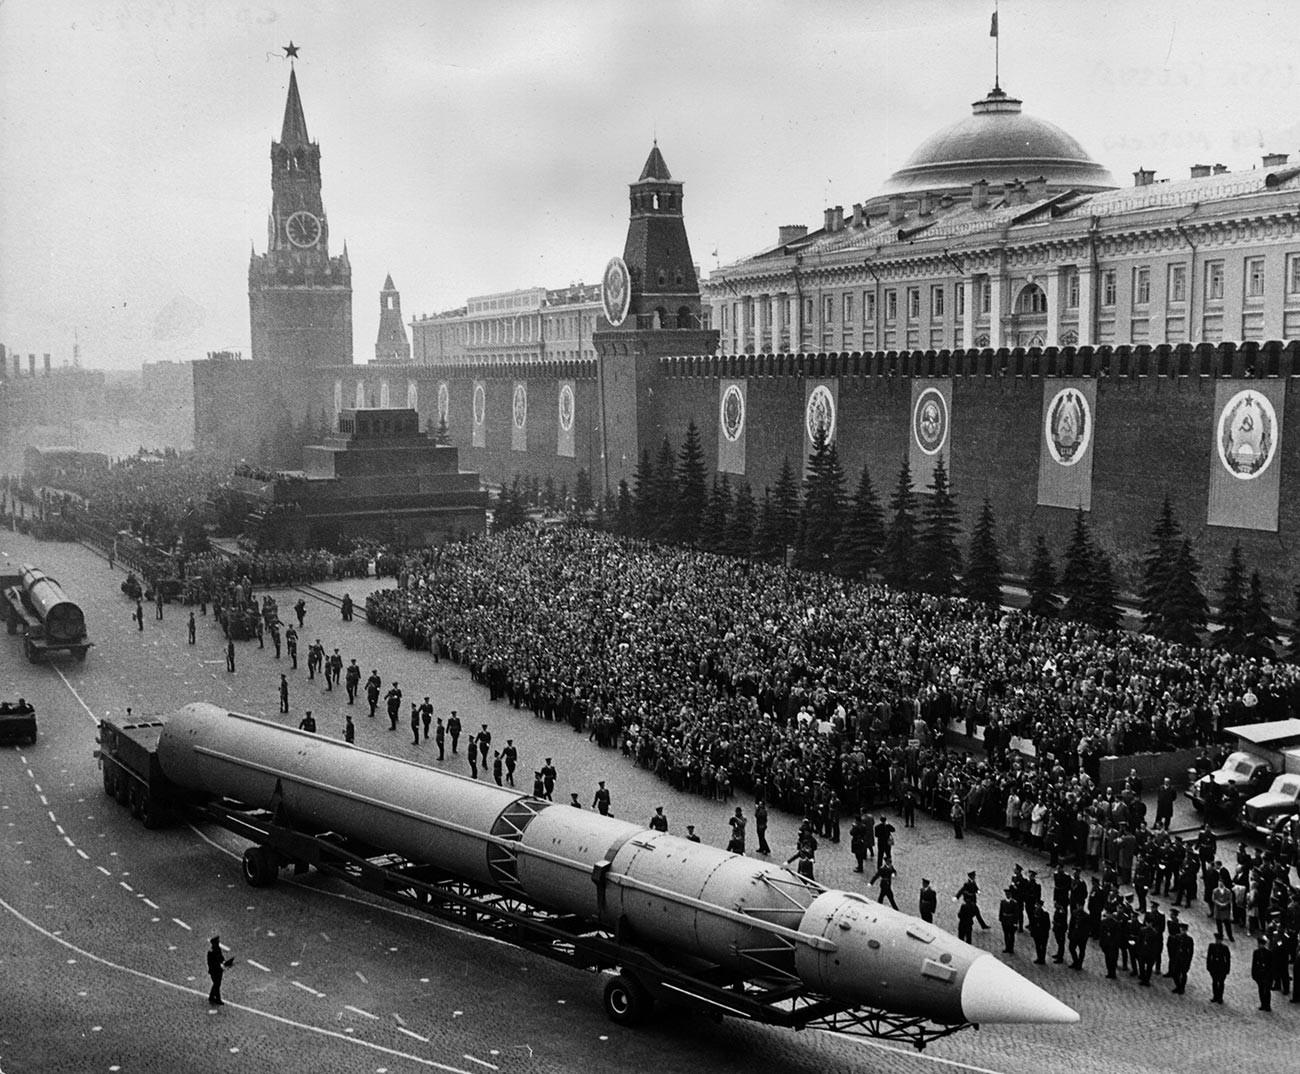 Un missile intercontinental russe traversant la place Rouge pendant le défilé militaire à Moscou marquant le 20e anniversaire de la fin de la guerre en Europe